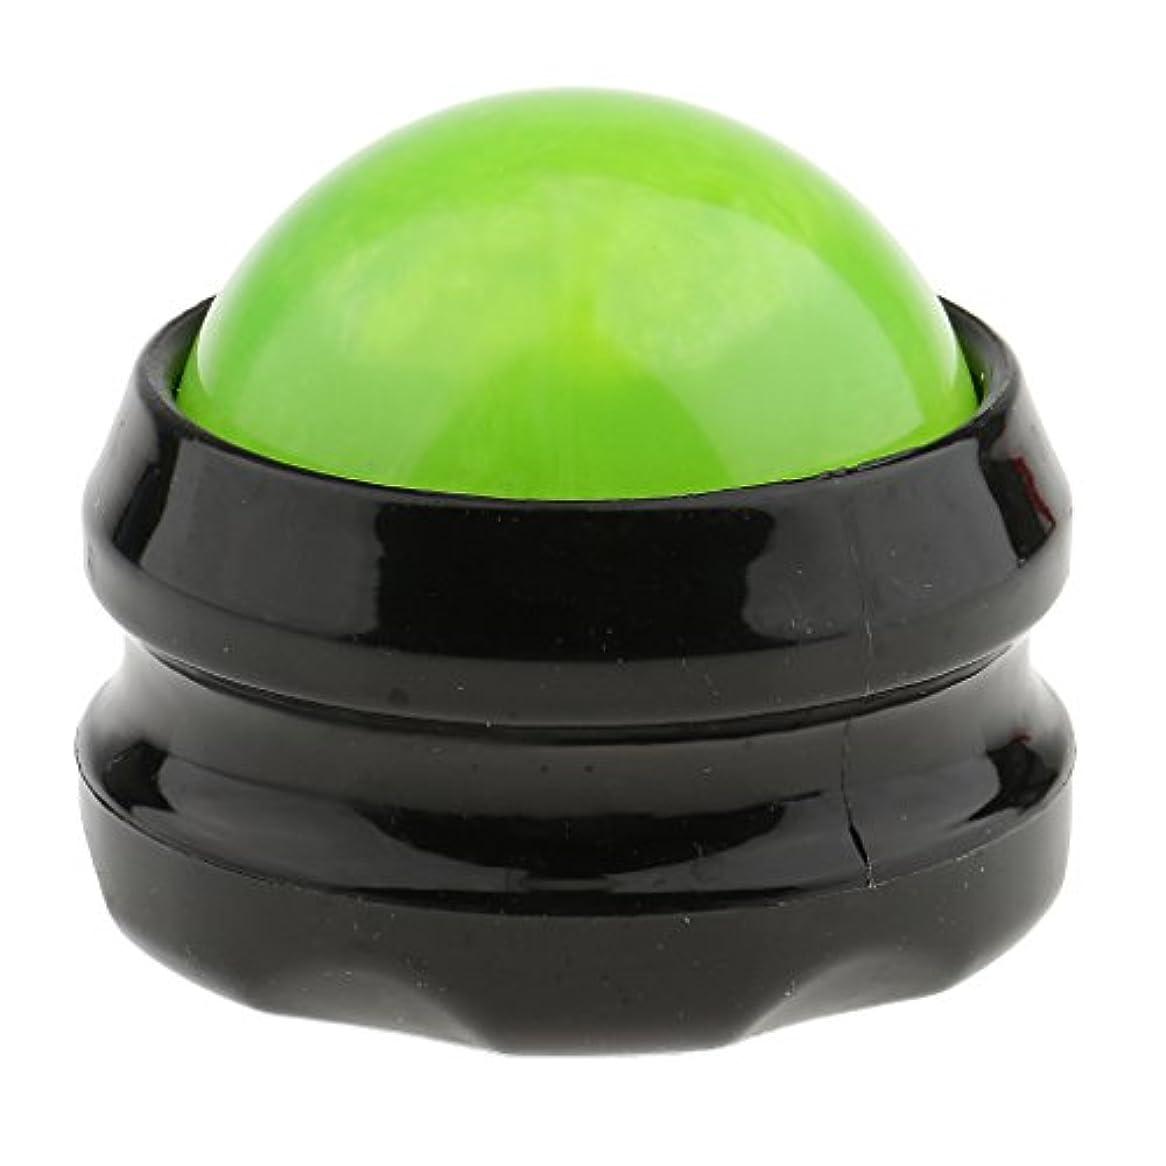 木製天才スロープHellery マッサージ ローラーボール ボディマッサージ 自宅 オフィス 旅行 SPA 全4色 - グリーンブラック